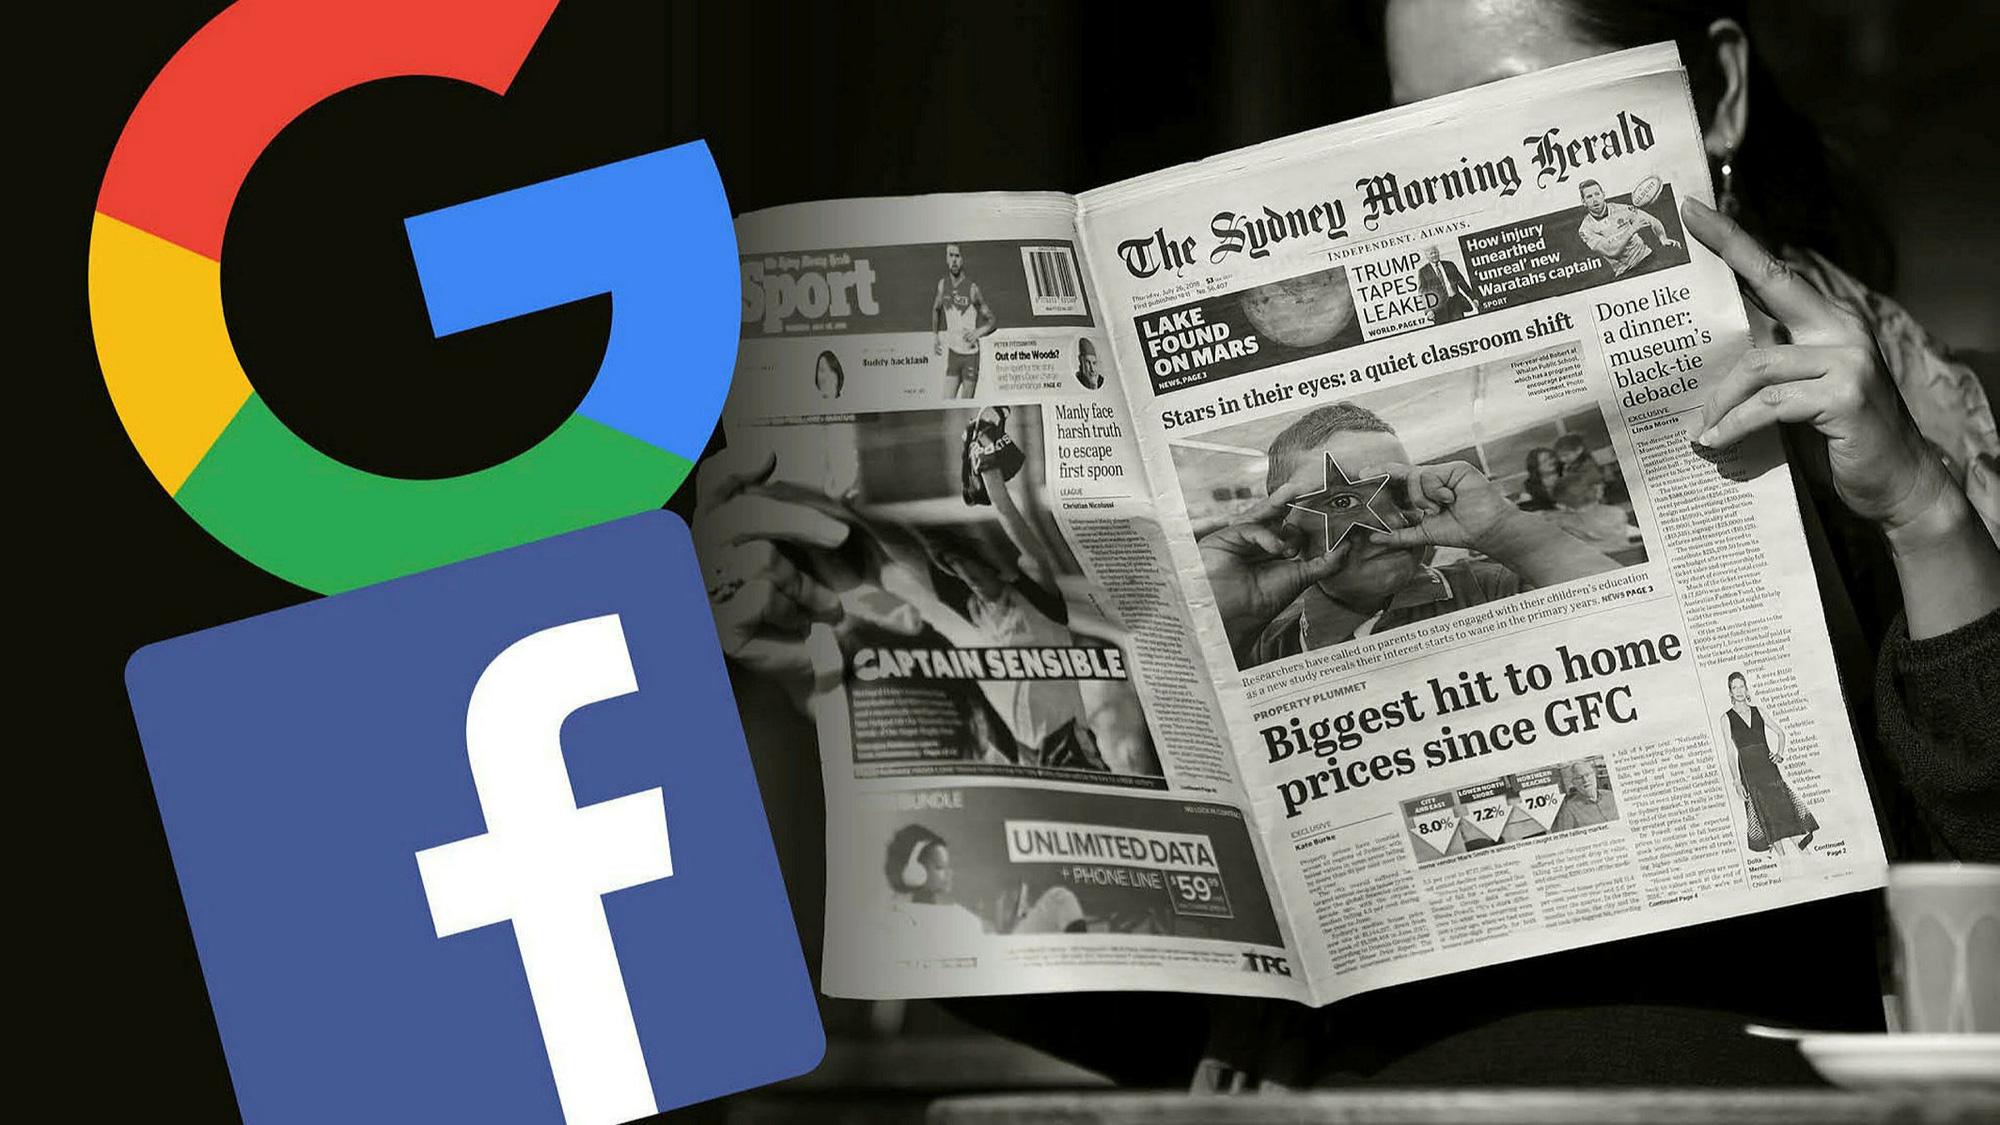 Úc quyết không nhượng bộ Facebook - Ảnh 1.